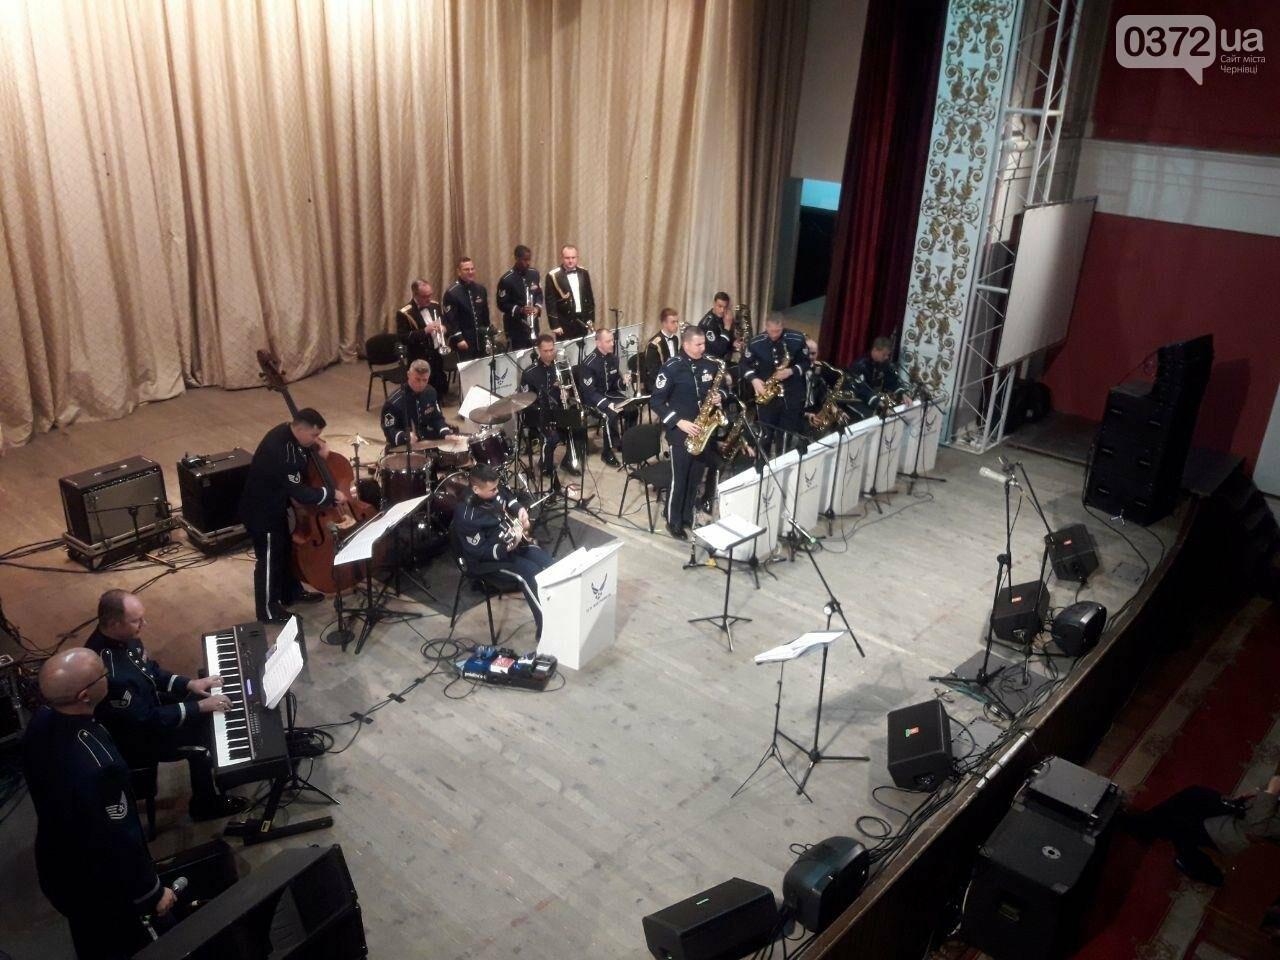 Американський оркестр виступив у філармонії в Чернівцях - ФОТО, фото-4